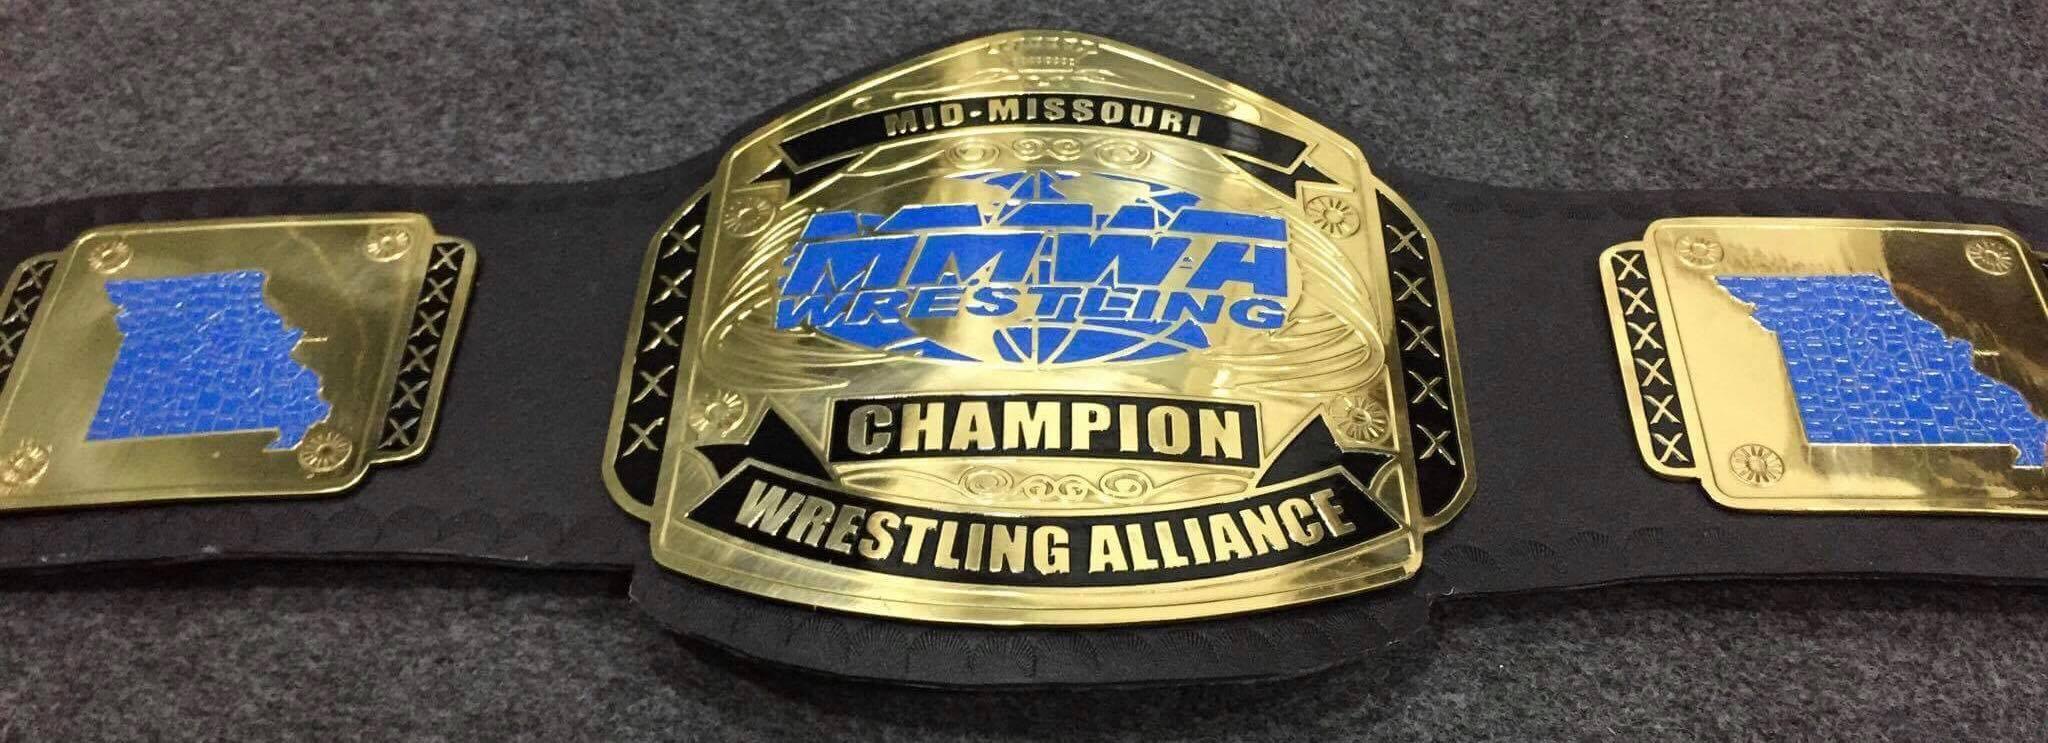 MMWA Championship belt